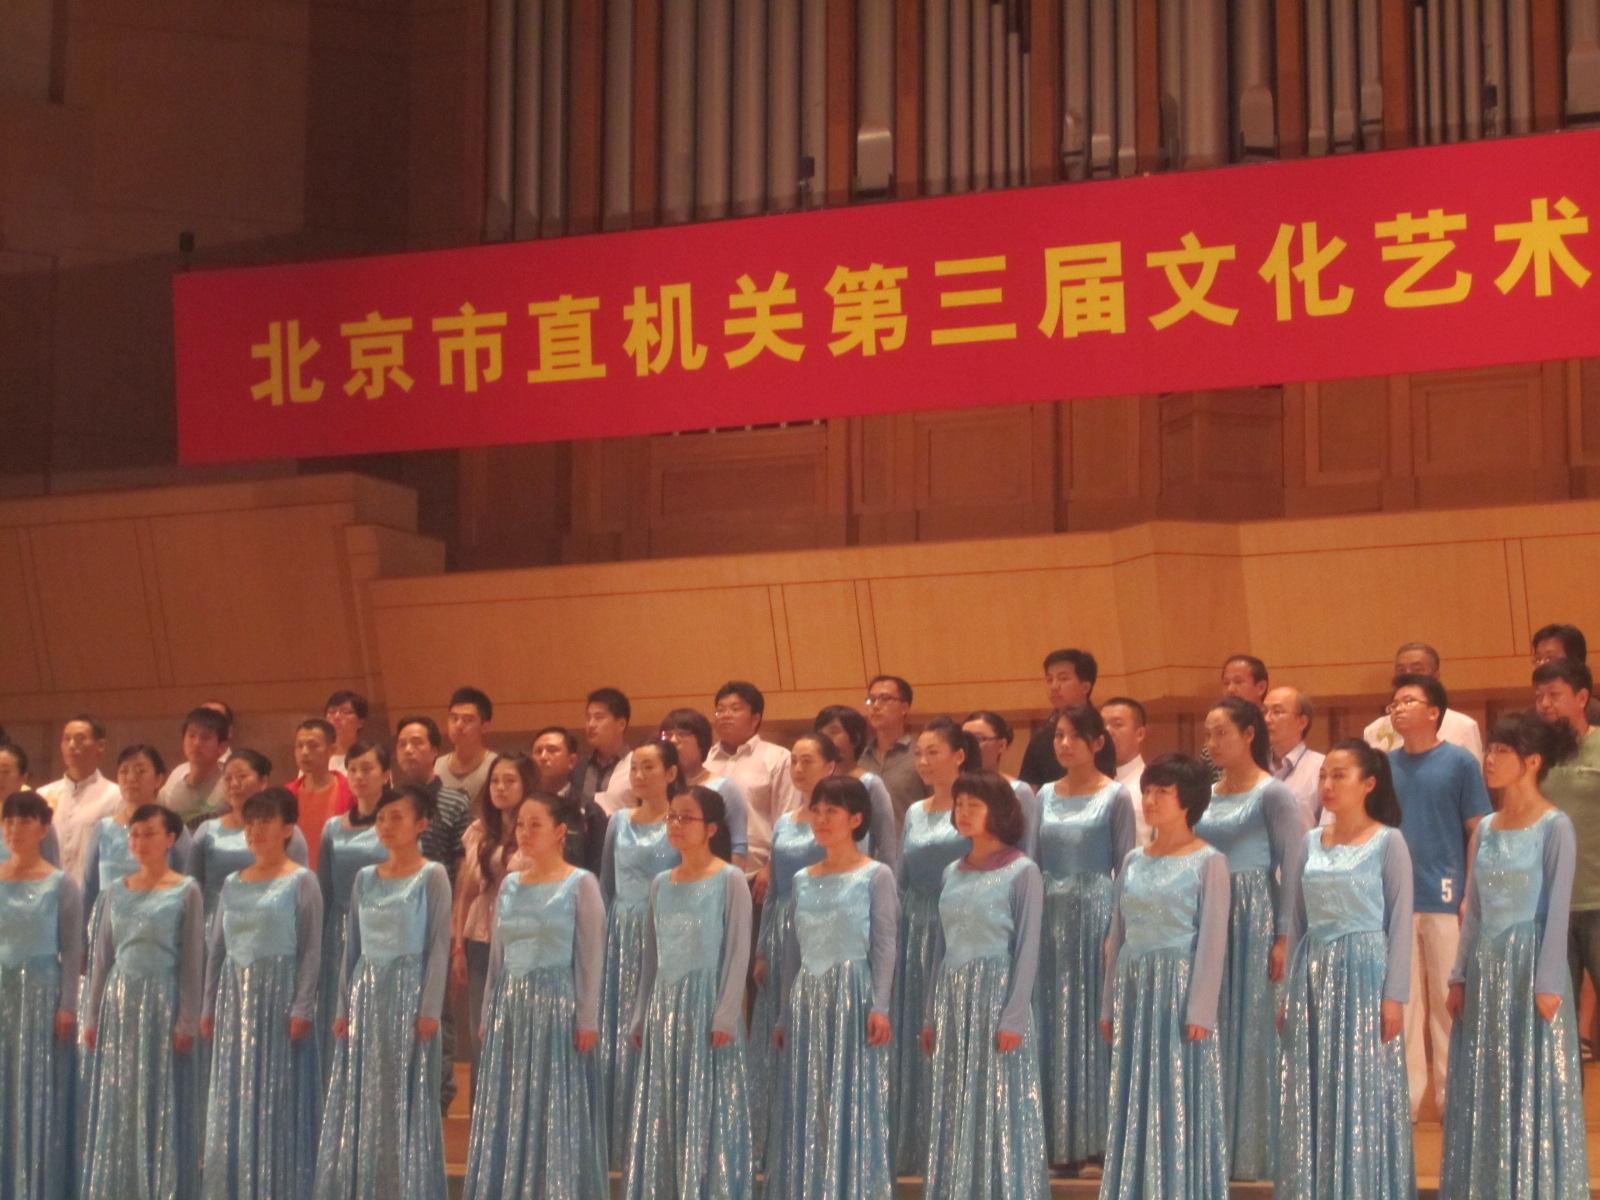 庆祝十八大合唱歌曲和服装推荐